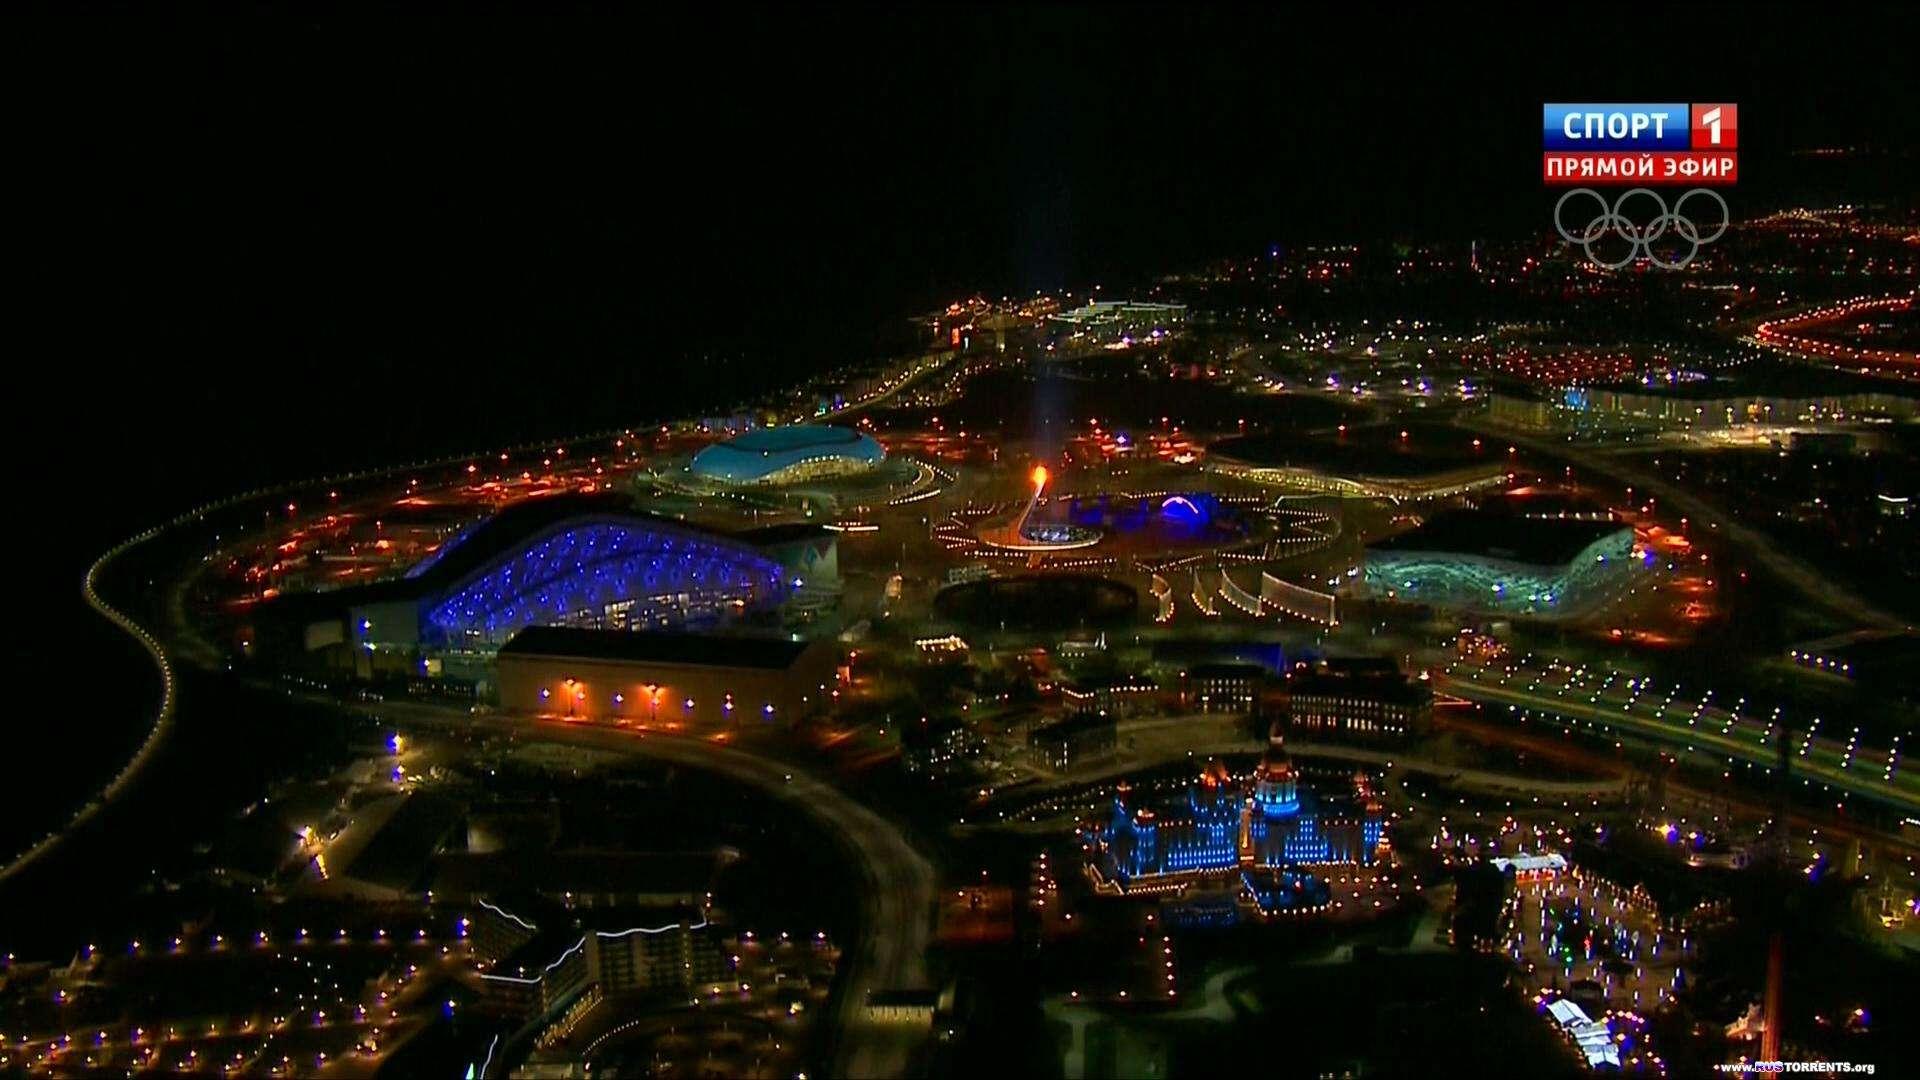 XXII зимние Олимпийские игры. Сочи. Церемония закрытия [Спорт 1 HD] | HDTV 1080i